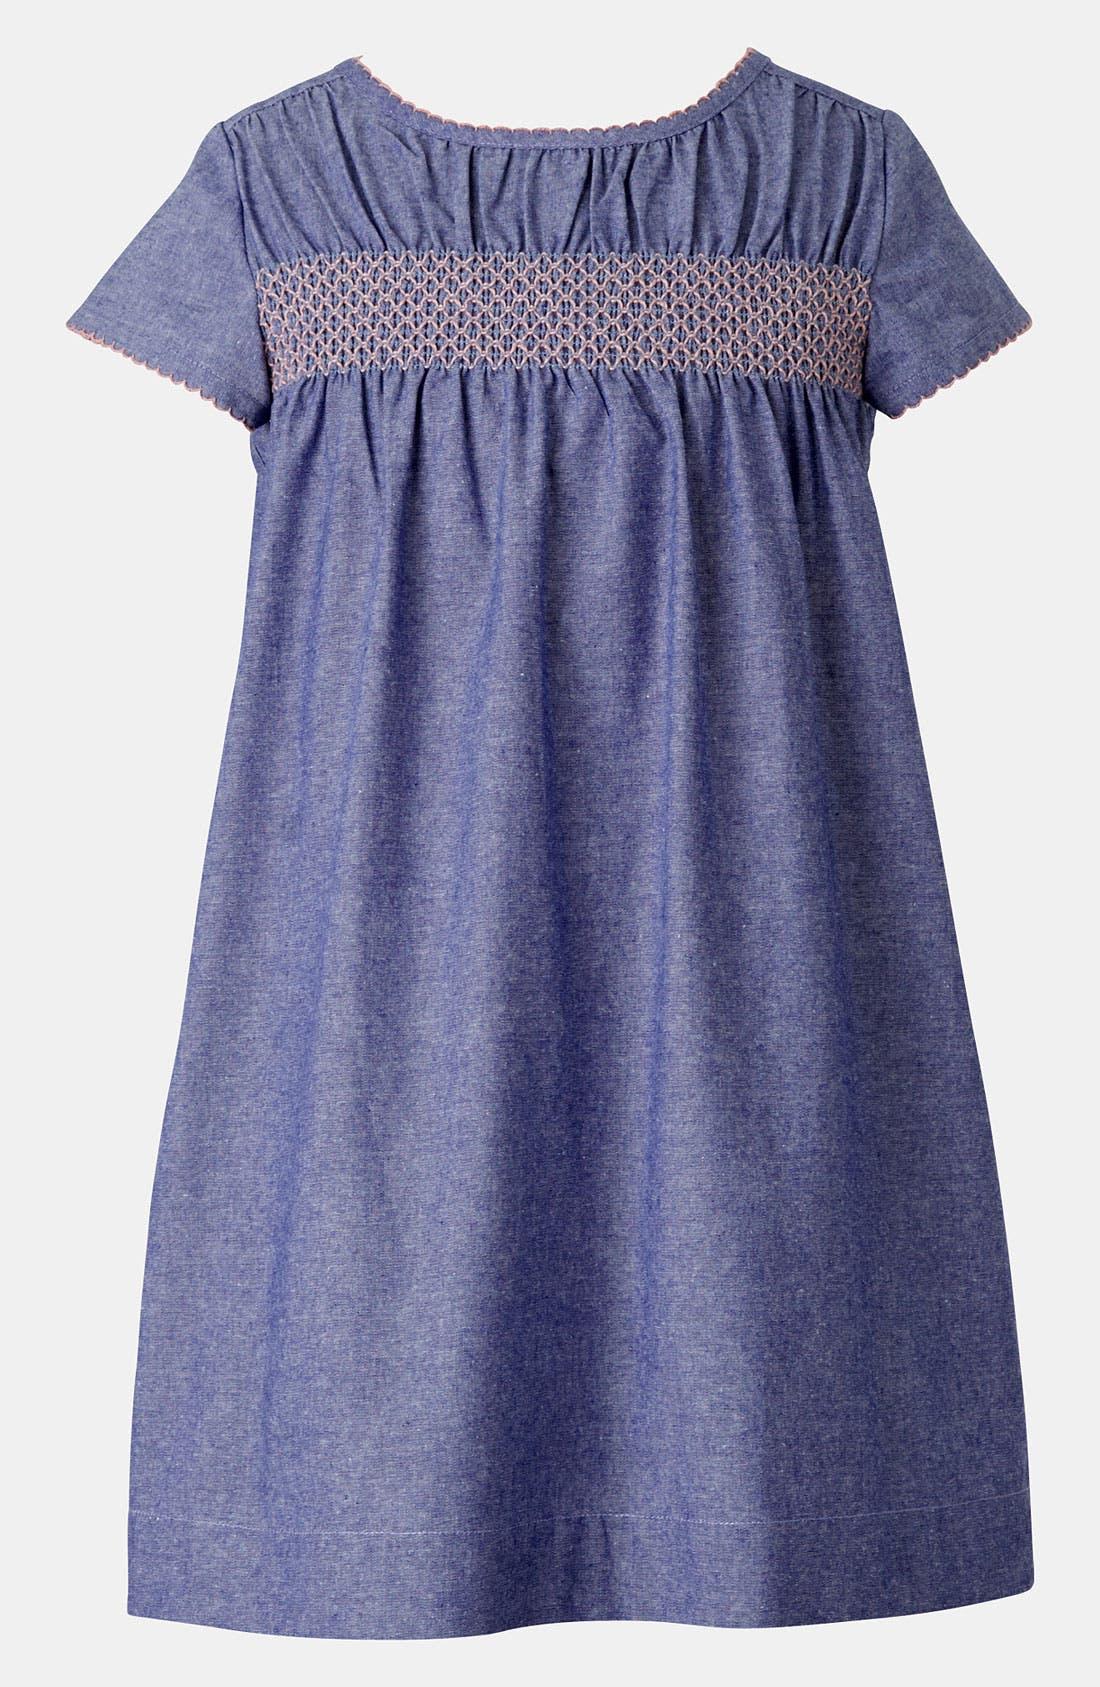 Alternate Image 1 Selected - Mini Boden Smocked Dress (Little Girls & Big Girls)